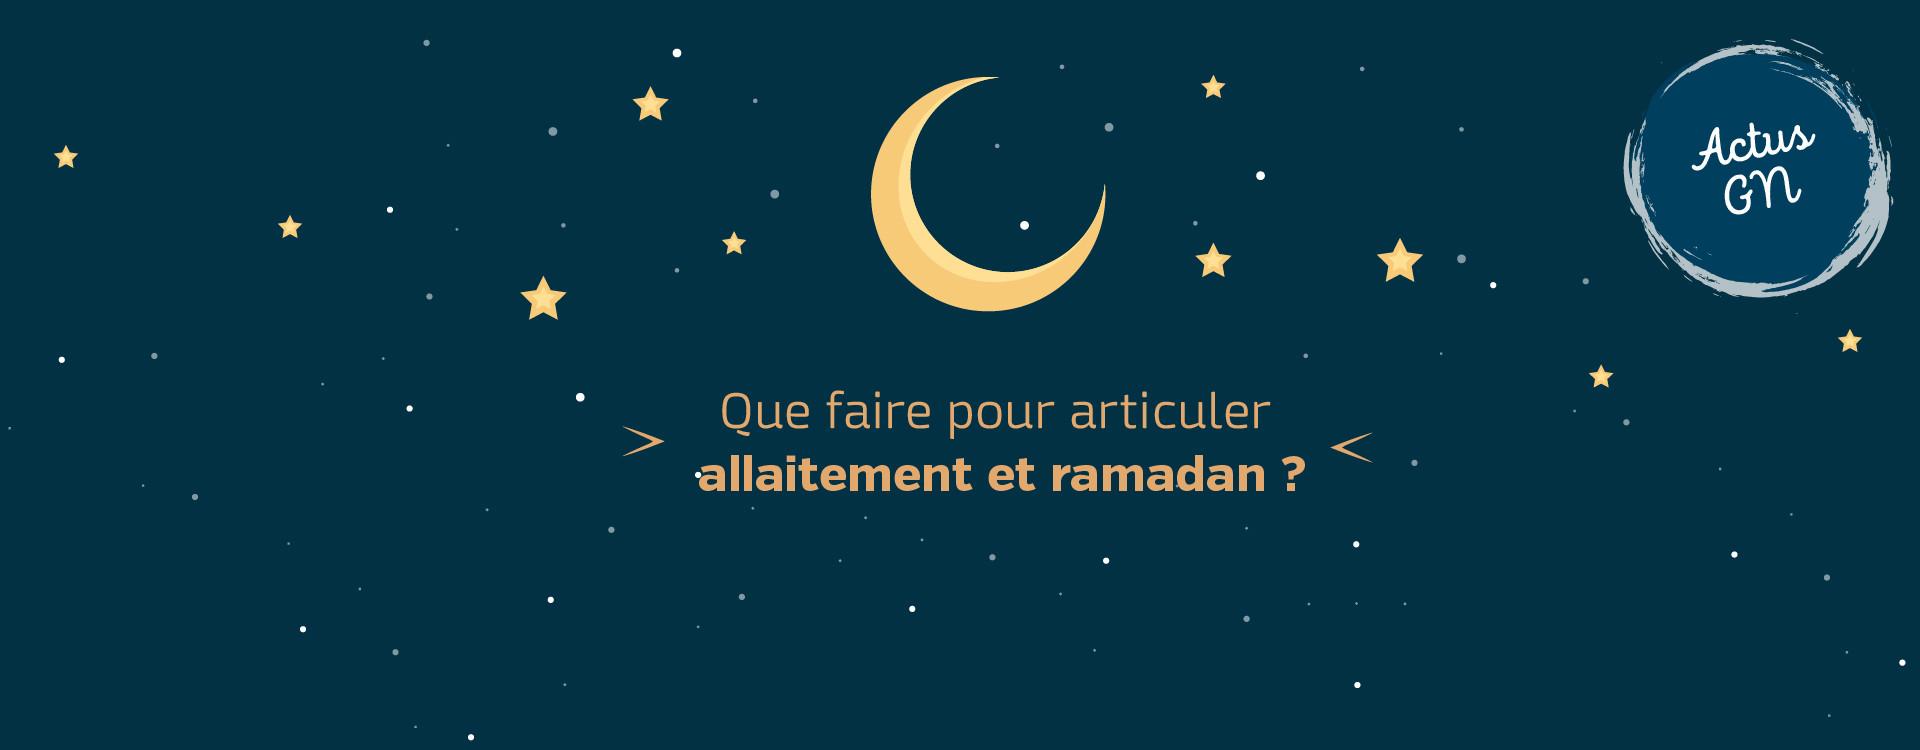 Que faire pour articuler allaitement et ramadan ?